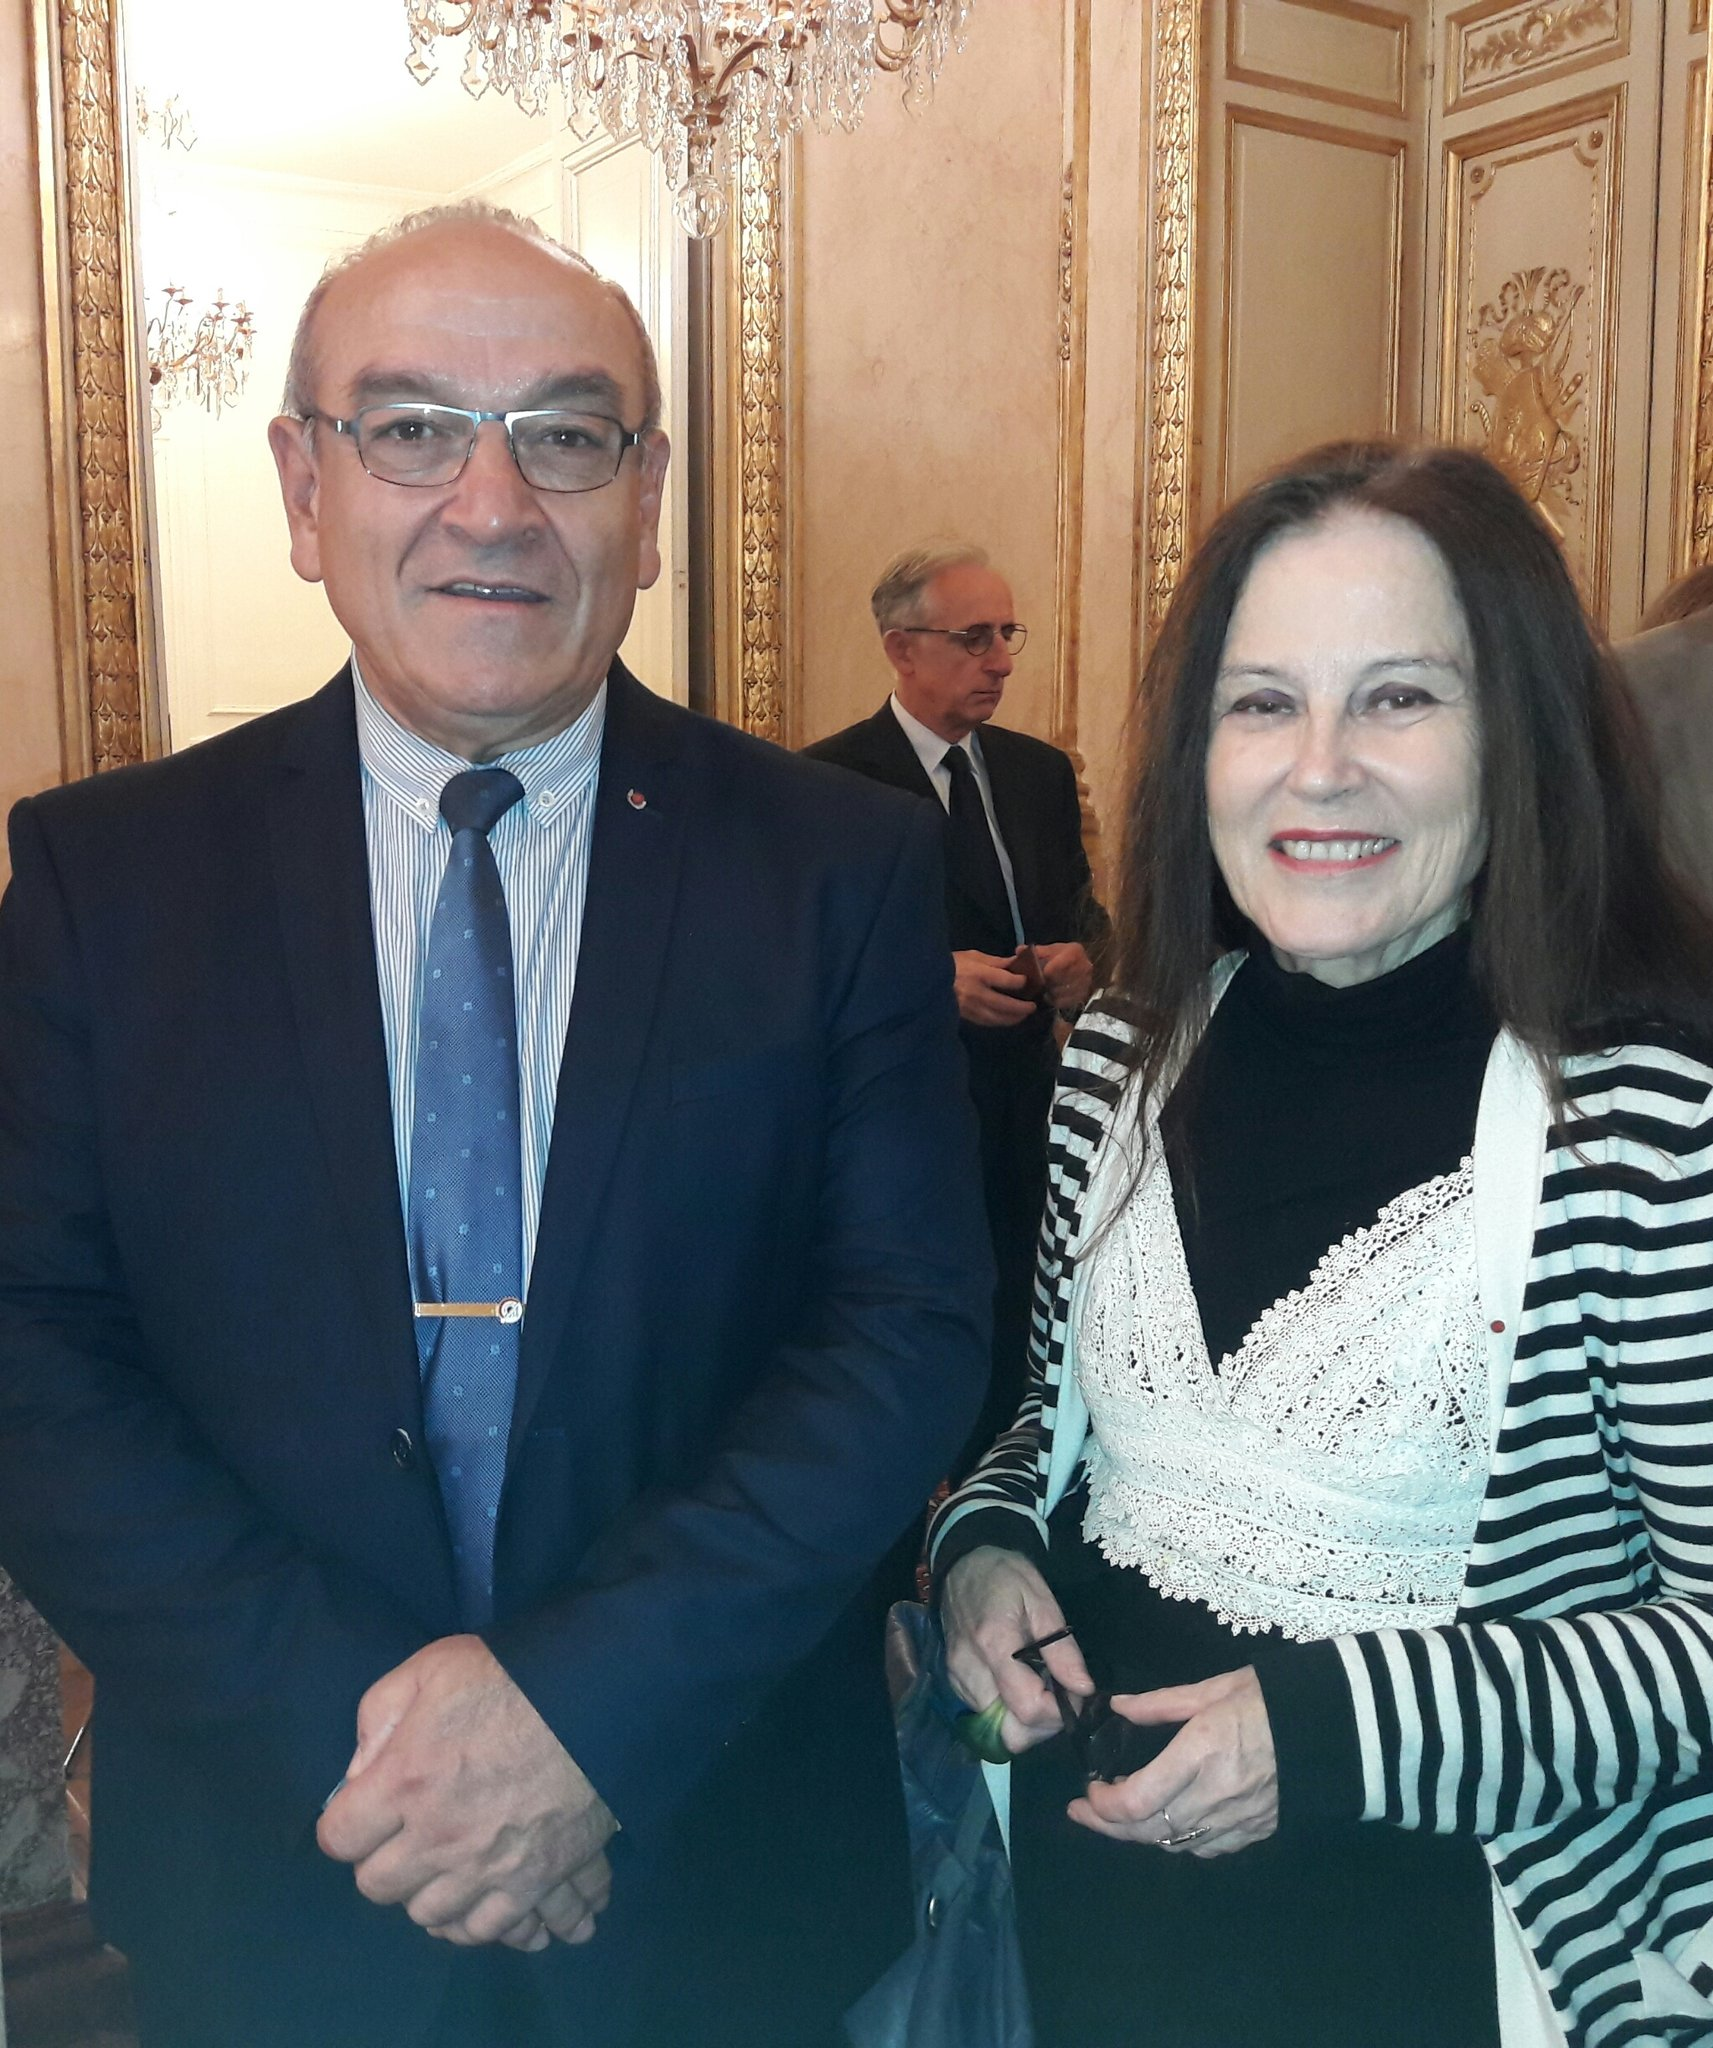 #prixgrandtemoin L'écrivain Irène Frain et le général Irastorza, membres du Grand Jury https://t.co/cxo0JySXaq